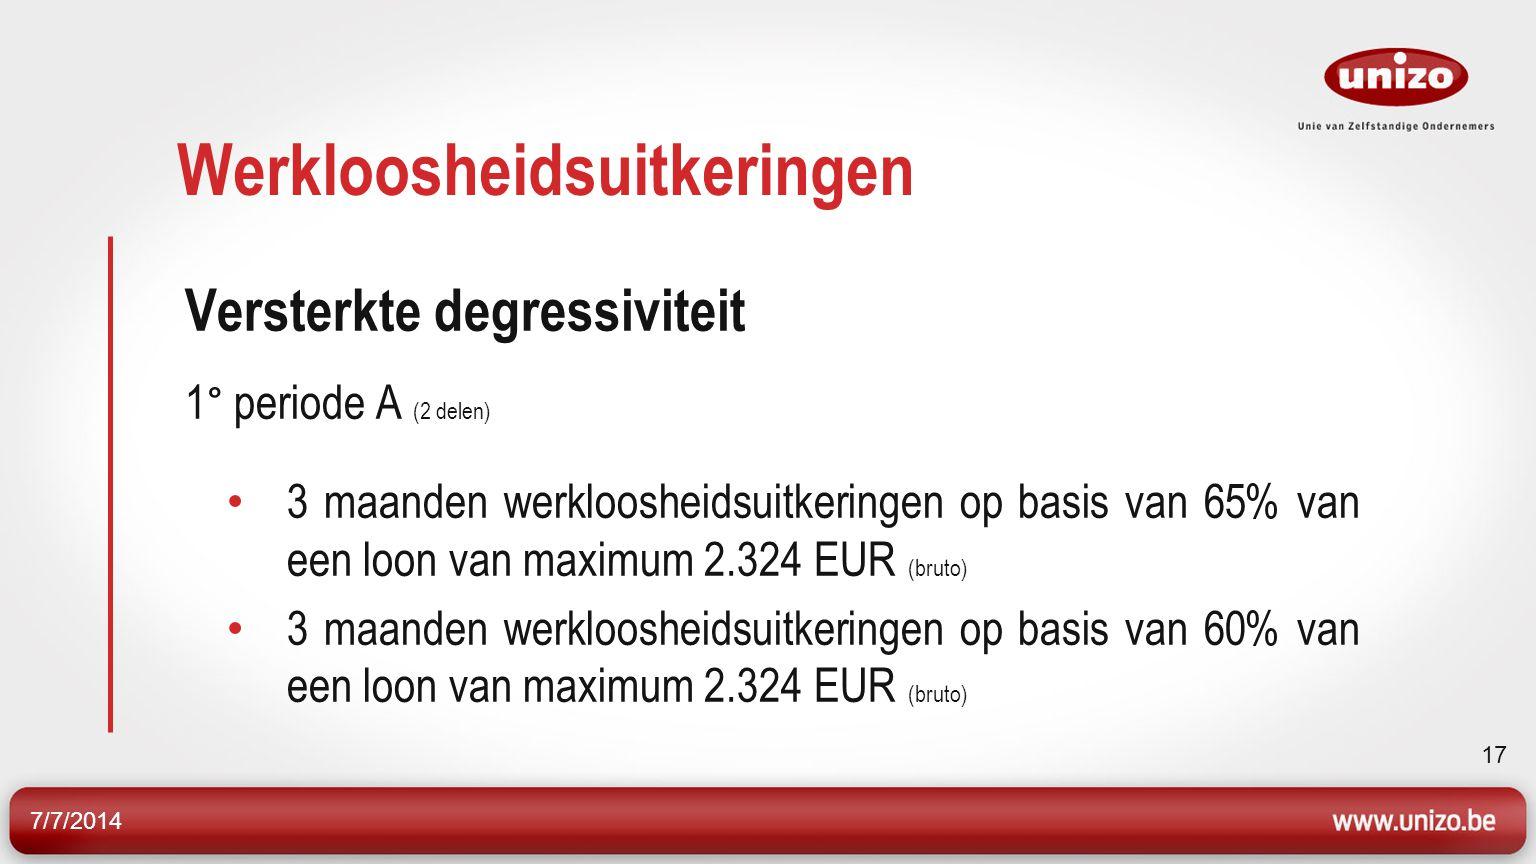 7/7/2014 17 Werkloosheidsuitkeringen Versterkte degressiviteit 1° periode A (2 delen) 3 maanden werkloosheidsuitkeringen op basis van 65% van een loon van maximum 2.324 EUR (bruto) 3 maanden werkloosheidsuitkeringen op basis van 60% van een loon van maximum 2.324 EUR (bruto)